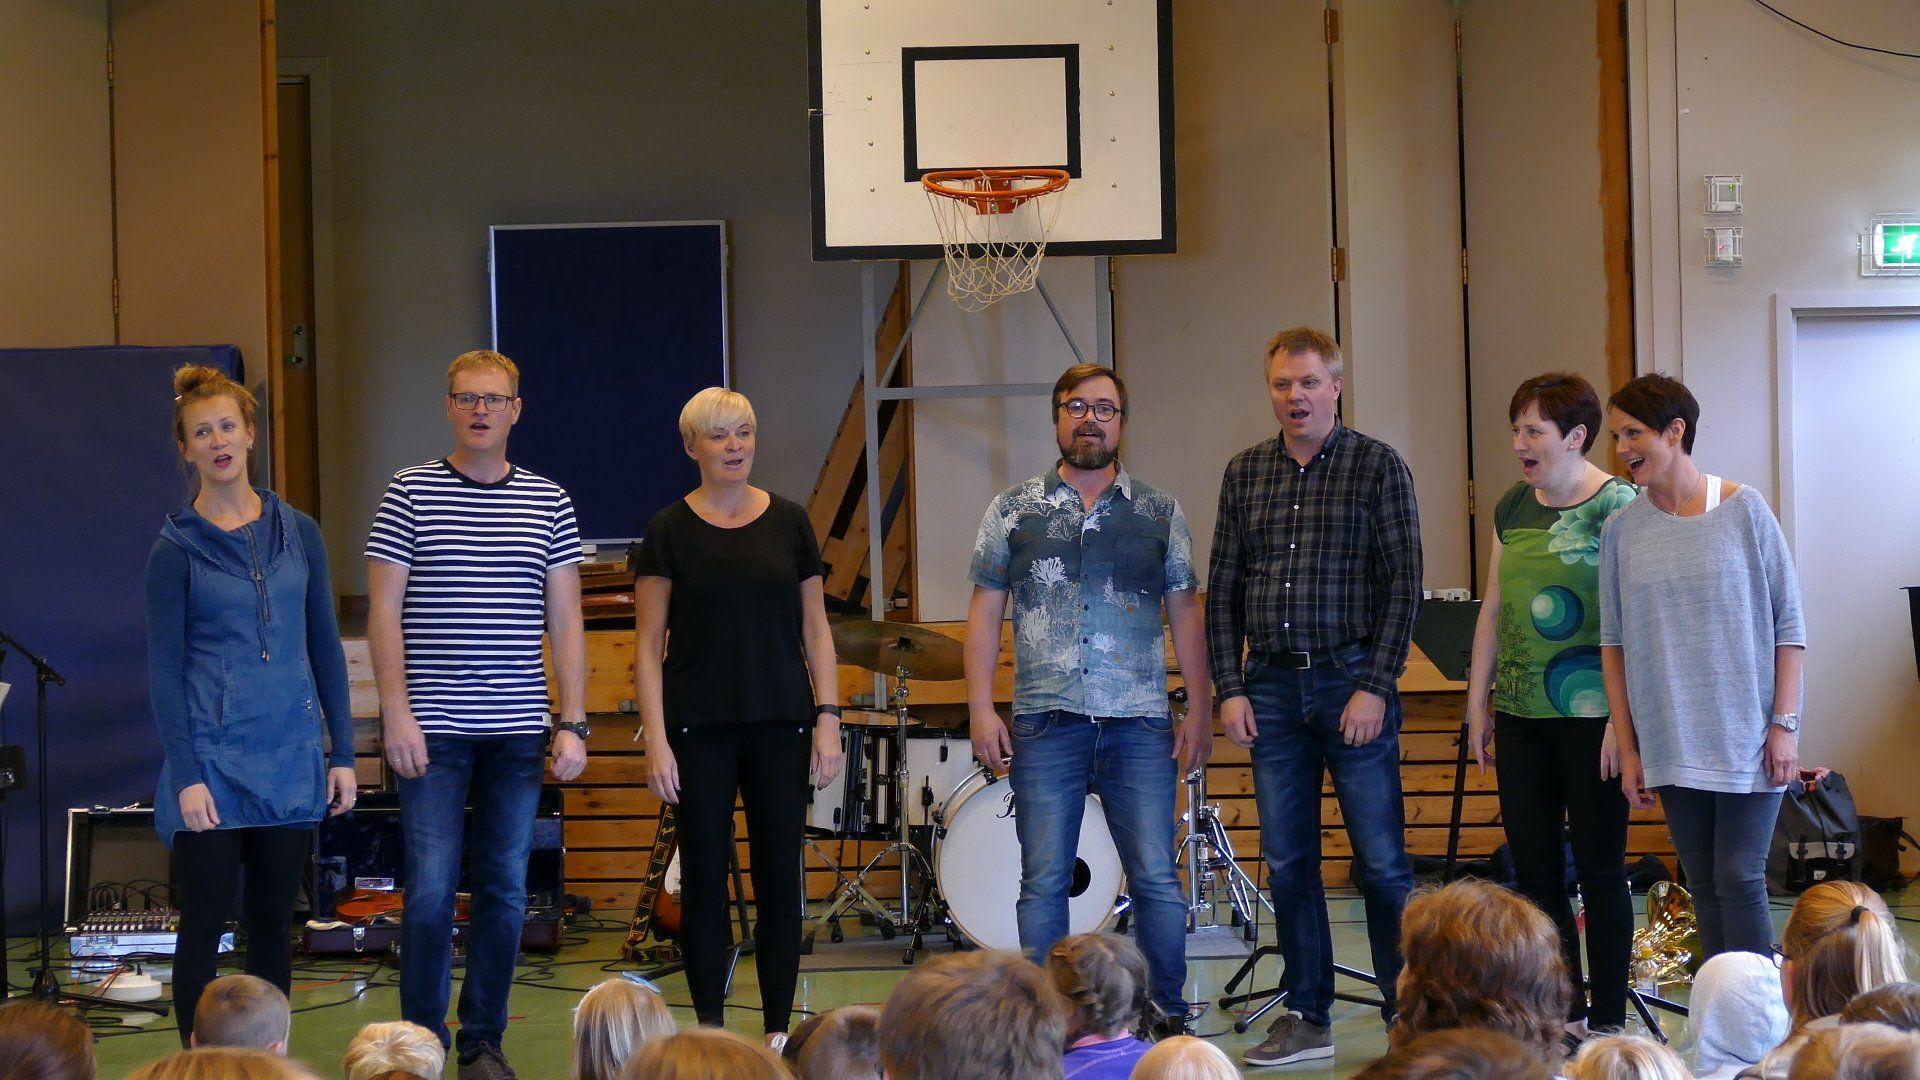 Lærerne på Skaun kulturskole: (f.v): Ingrid Synnøve Østvang, Sturla Eide, Hege Segtnan, Truls Rønning, Edvin Langmo, Karianne Røe og Trine Segtnan. Einar Mellingseter var ikke tilstede da bildet ble tatt.